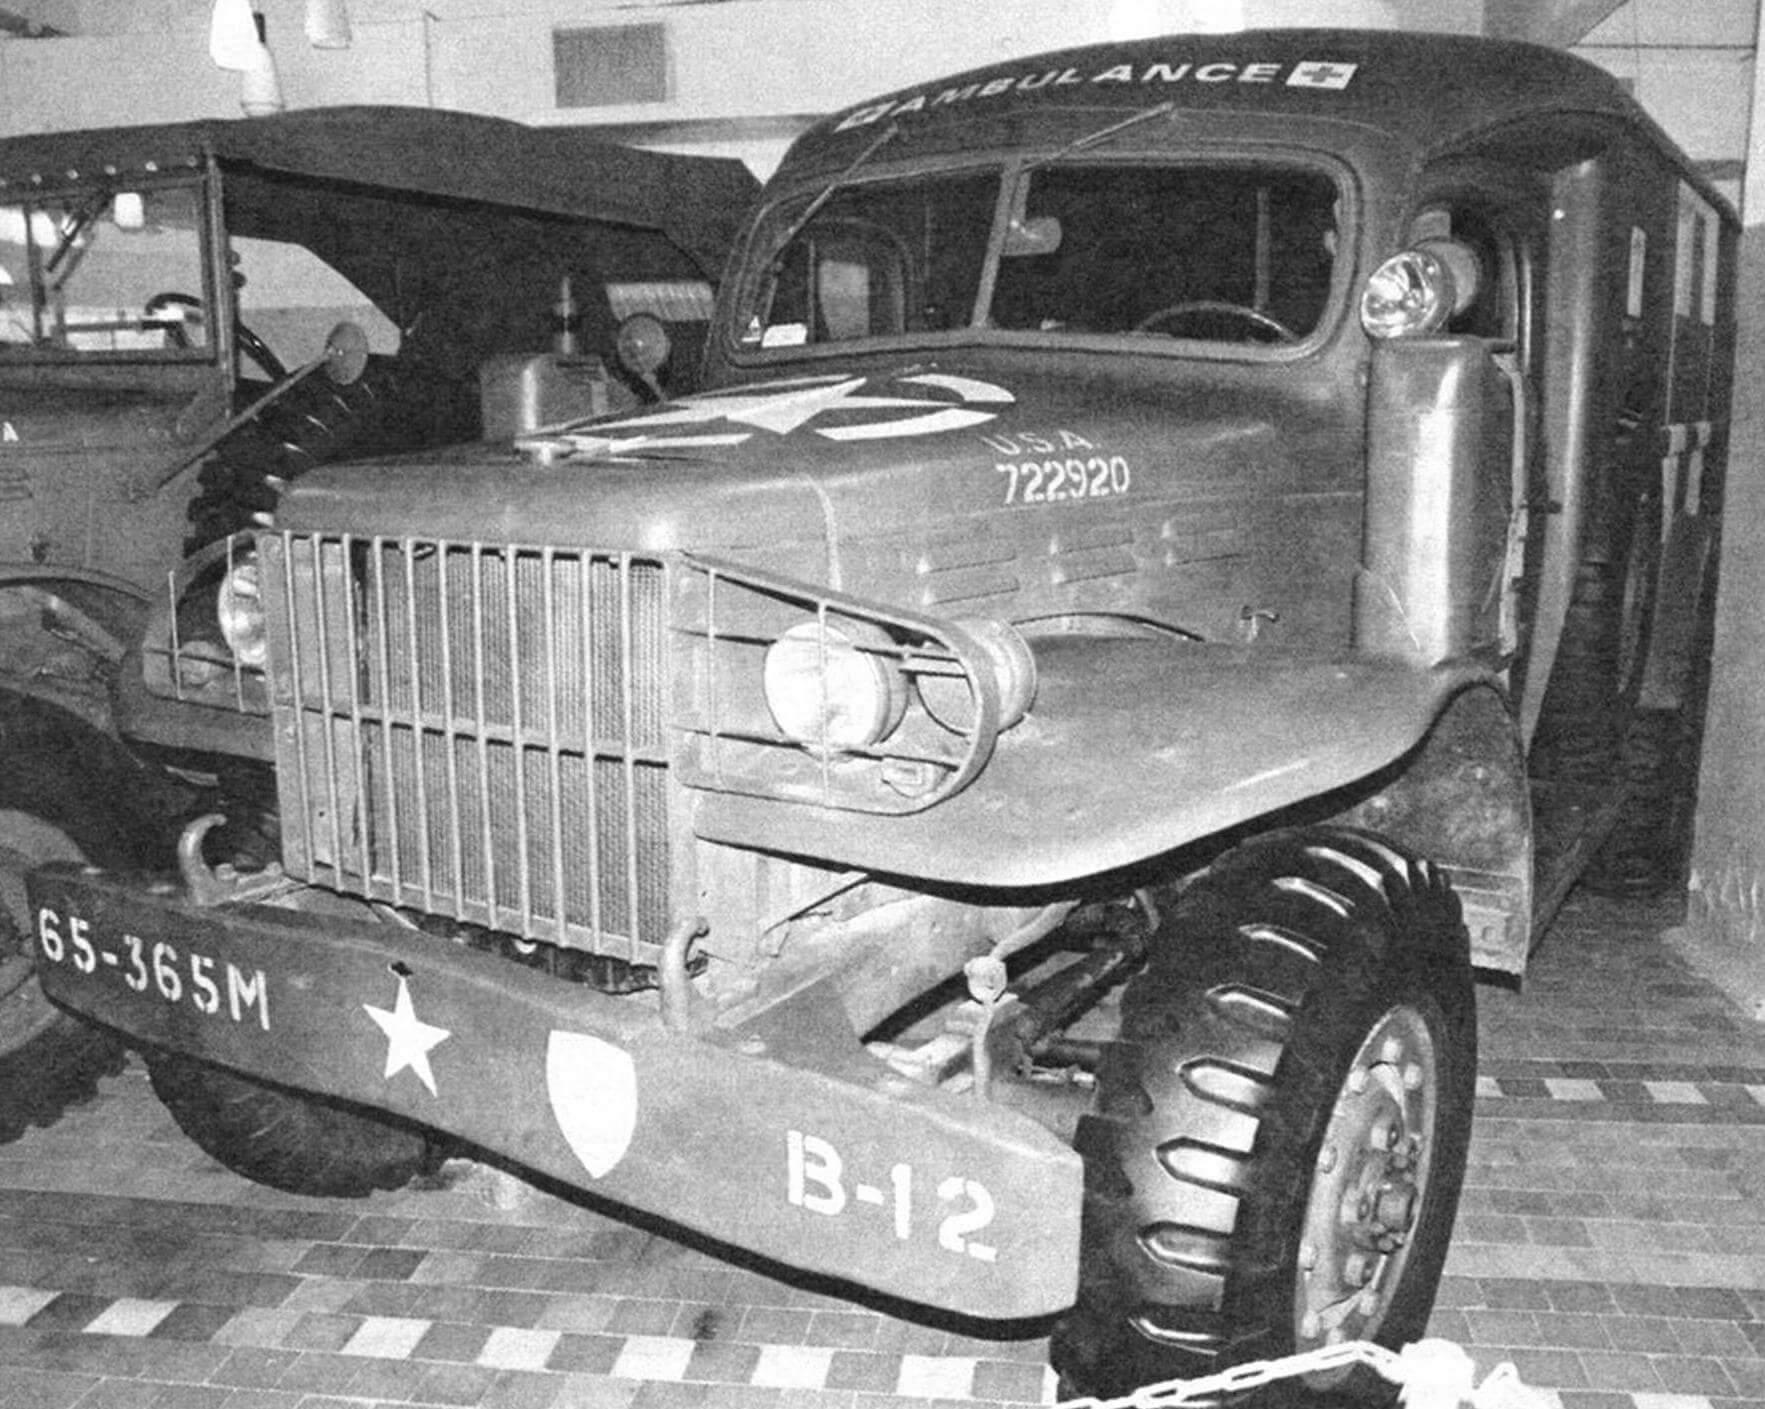 Санитарный Dodge WC54 оснащался оригинальным цельнометаллическим кузовом